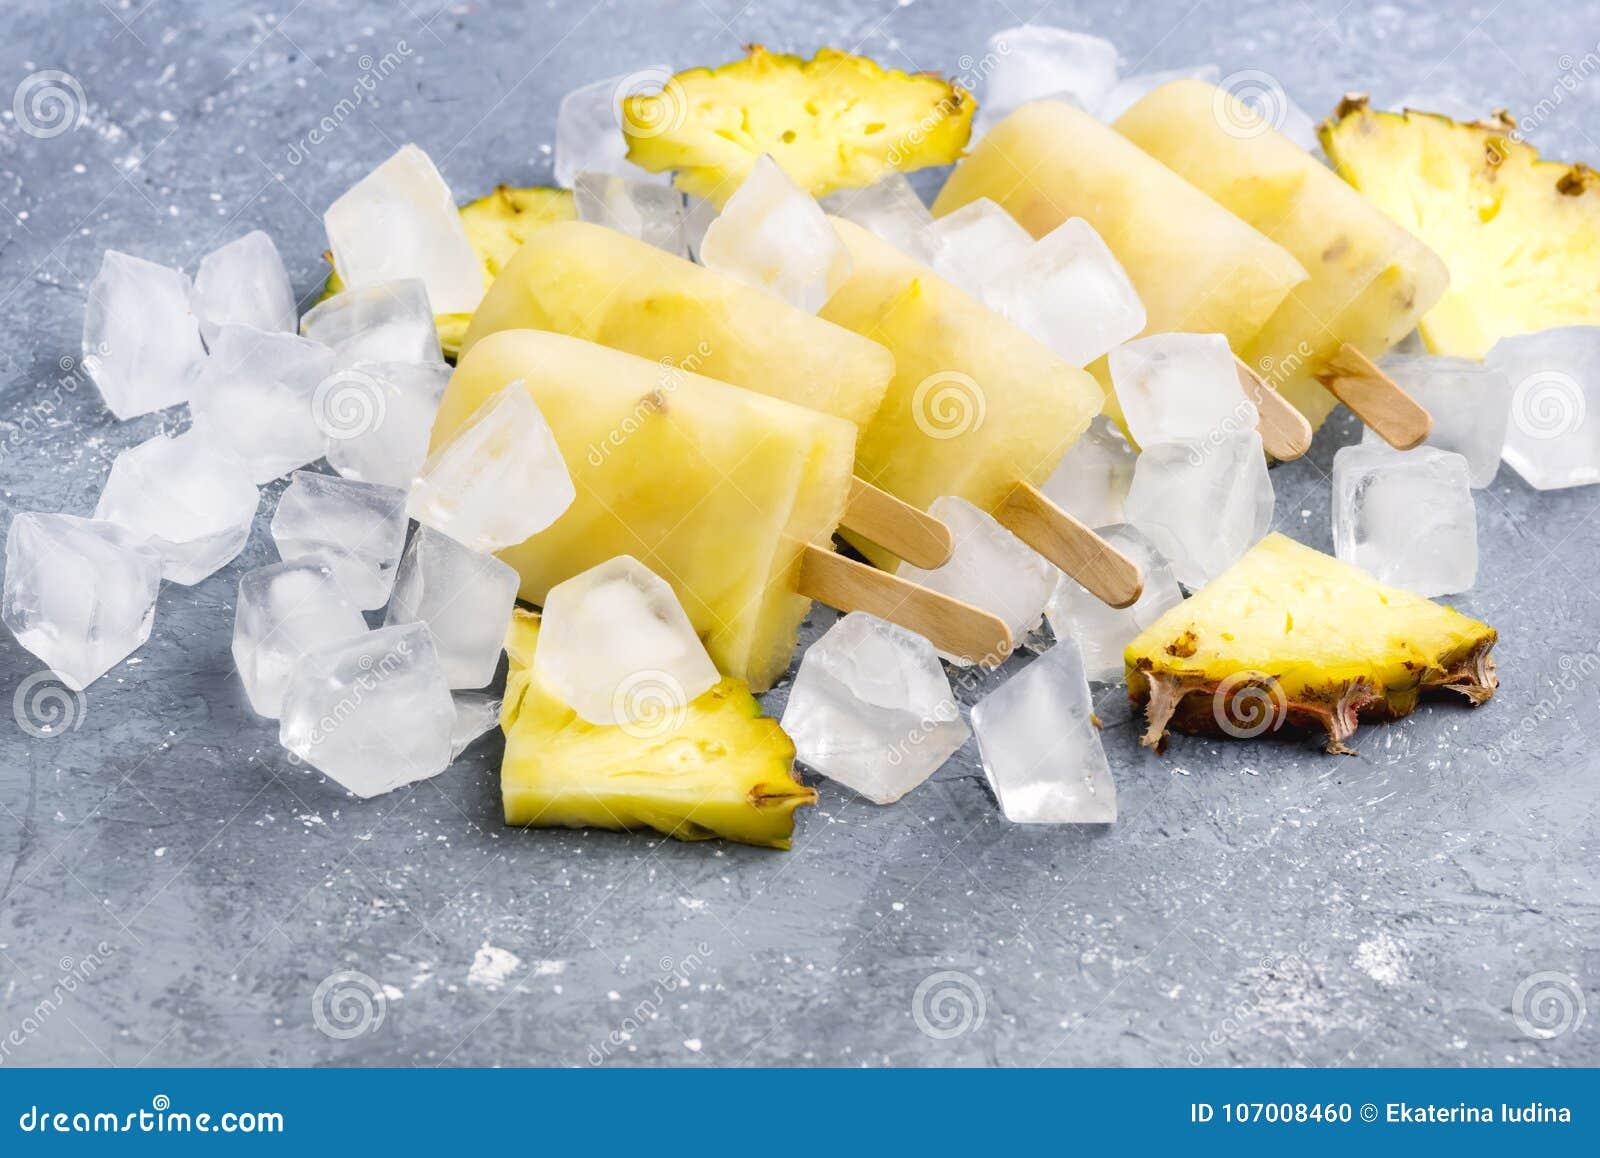 Ο εύγευστος σπιτικός ανανάς Popsicles στον πάγο κυβίζει την γκρίζα έννοια θερινών τροφίμων υποβάθρου επάνω από οριζόντιο